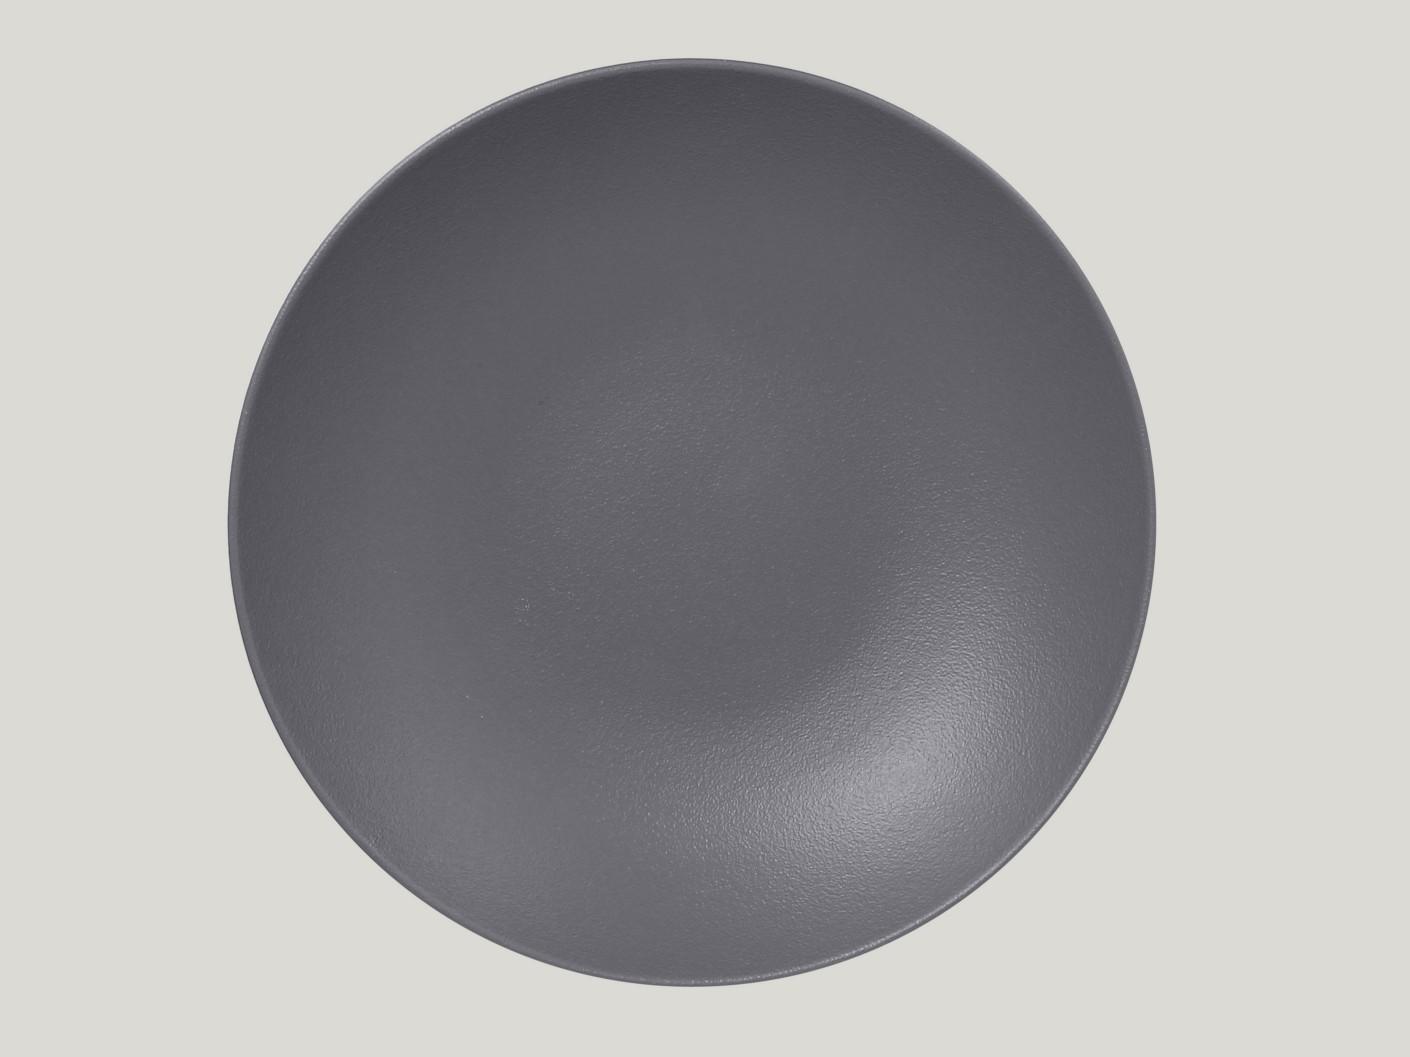 hluboký coupe talíř - šedá Neofusion